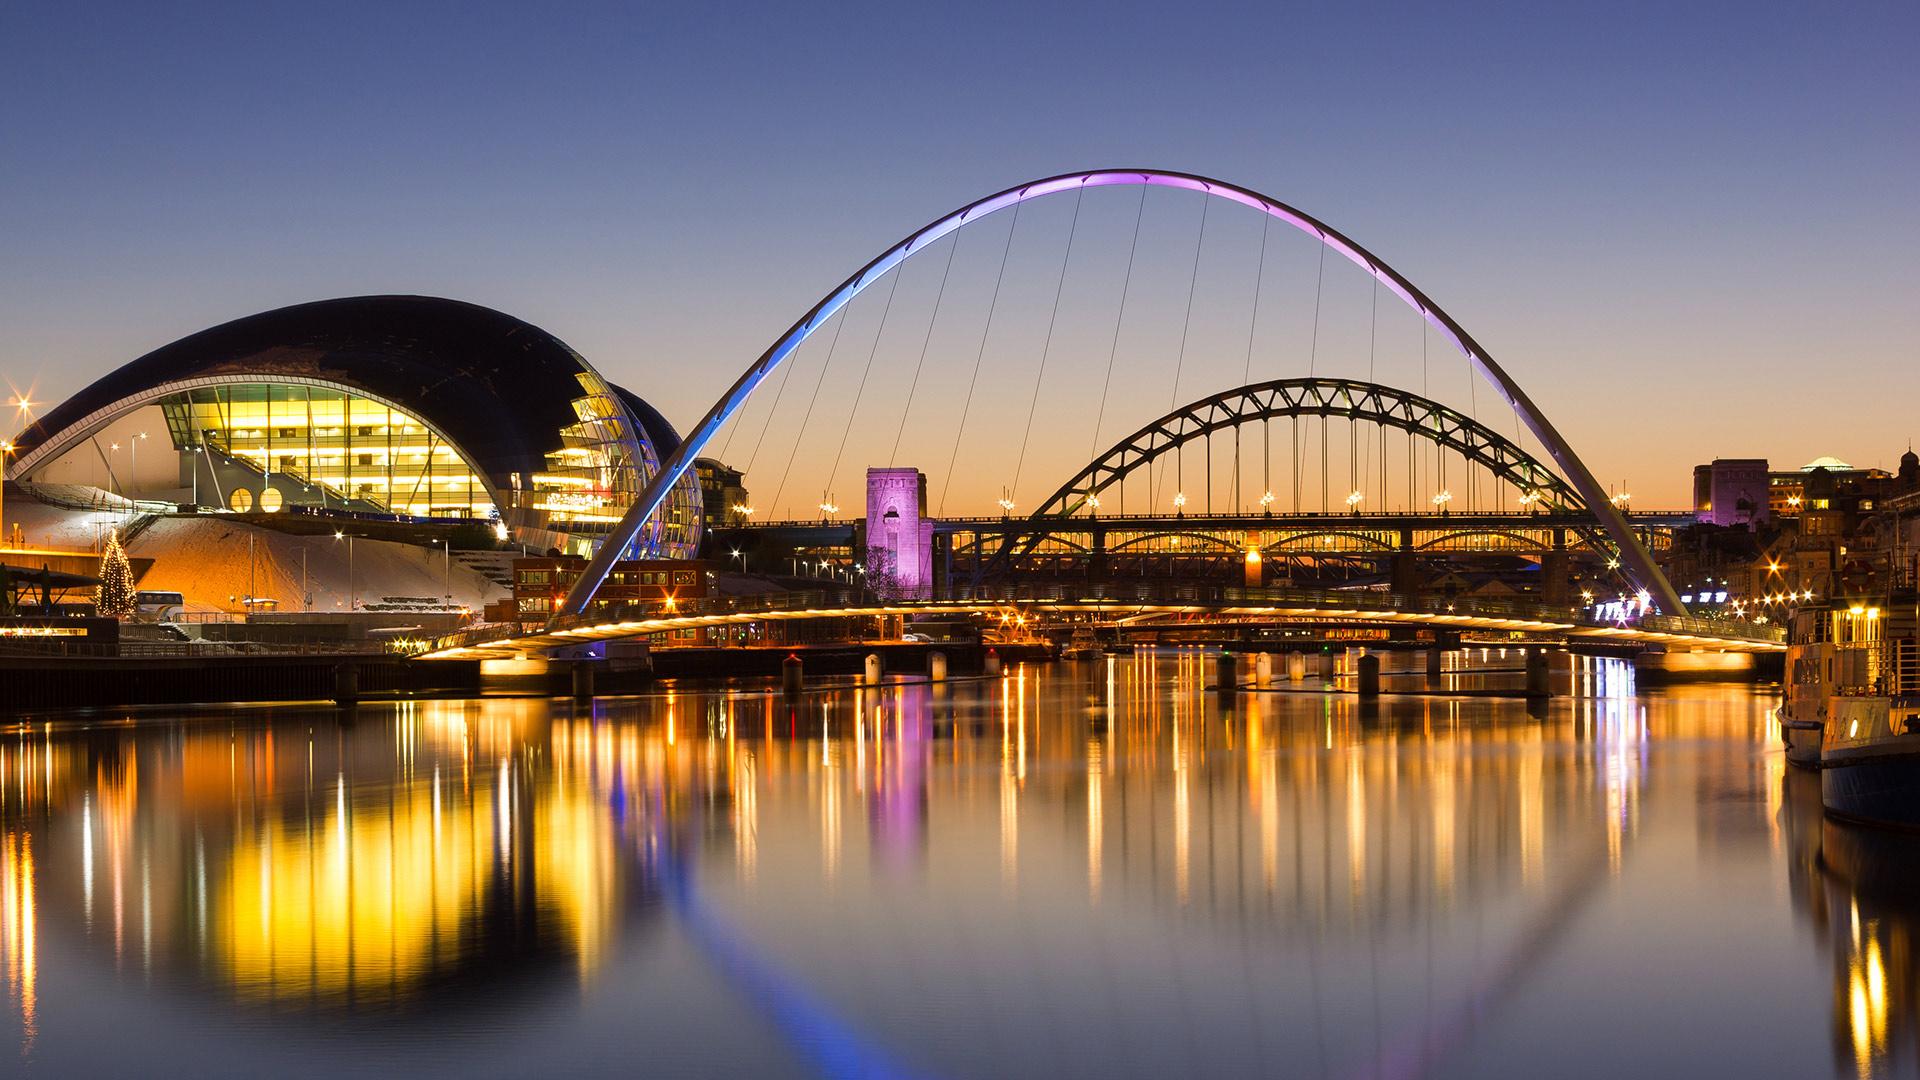 Bridges crossing over water